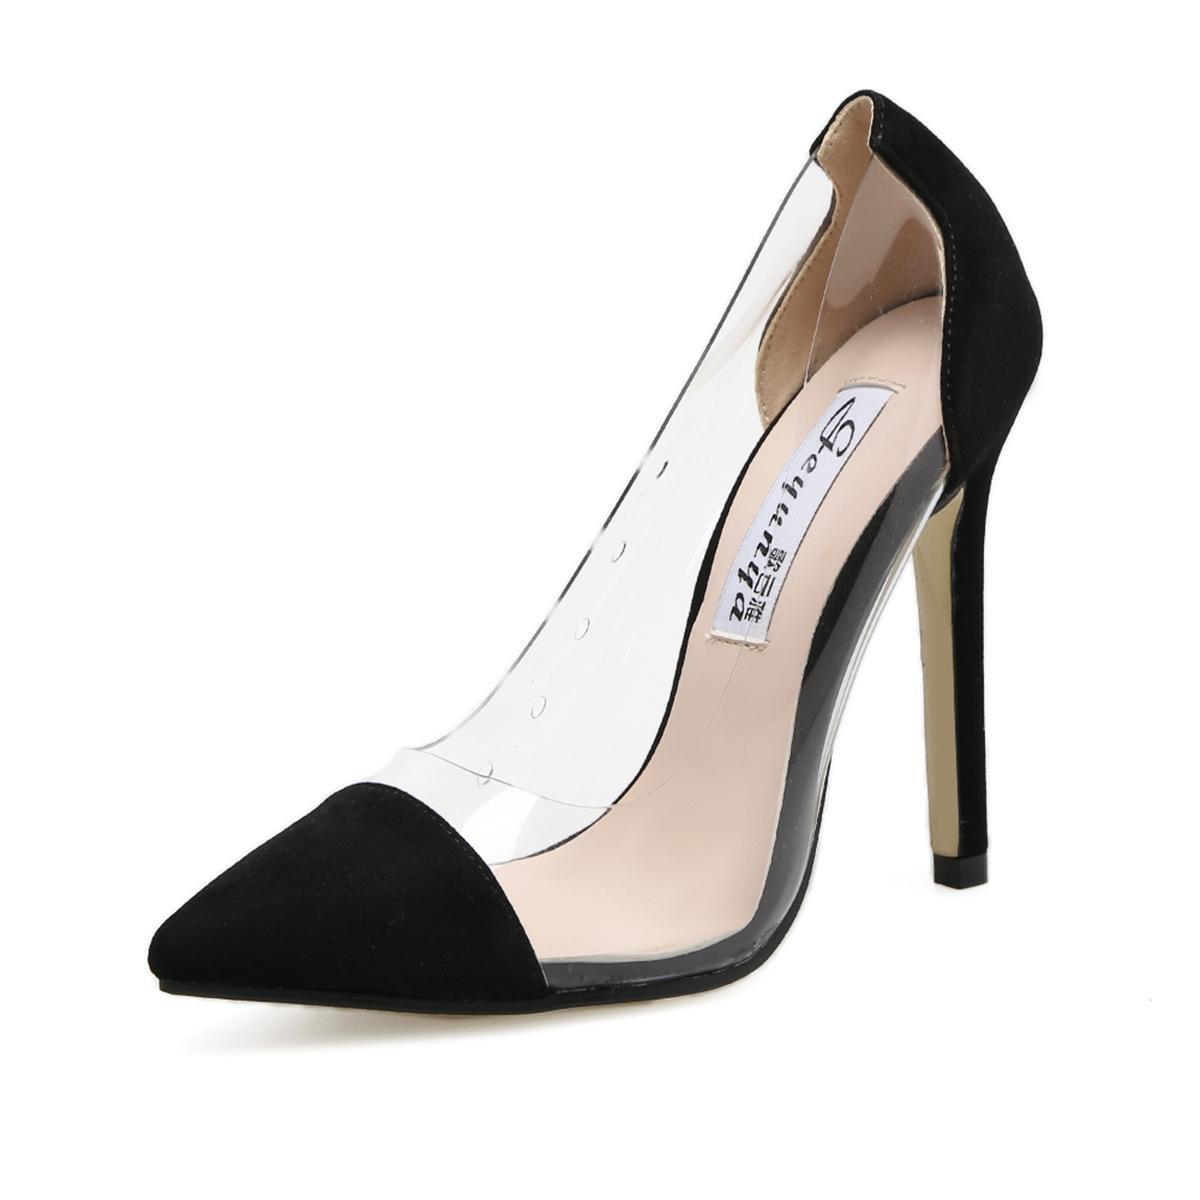 Donne delle nuove Scarpe singole sexy dell'alto tallone dello stiletto di Stiletto cappotto rotondo della piattaforma della piattaforma delle pompe dell'unità di elaborazione delle pompe della p , nero , EUR 38  UK 4.5